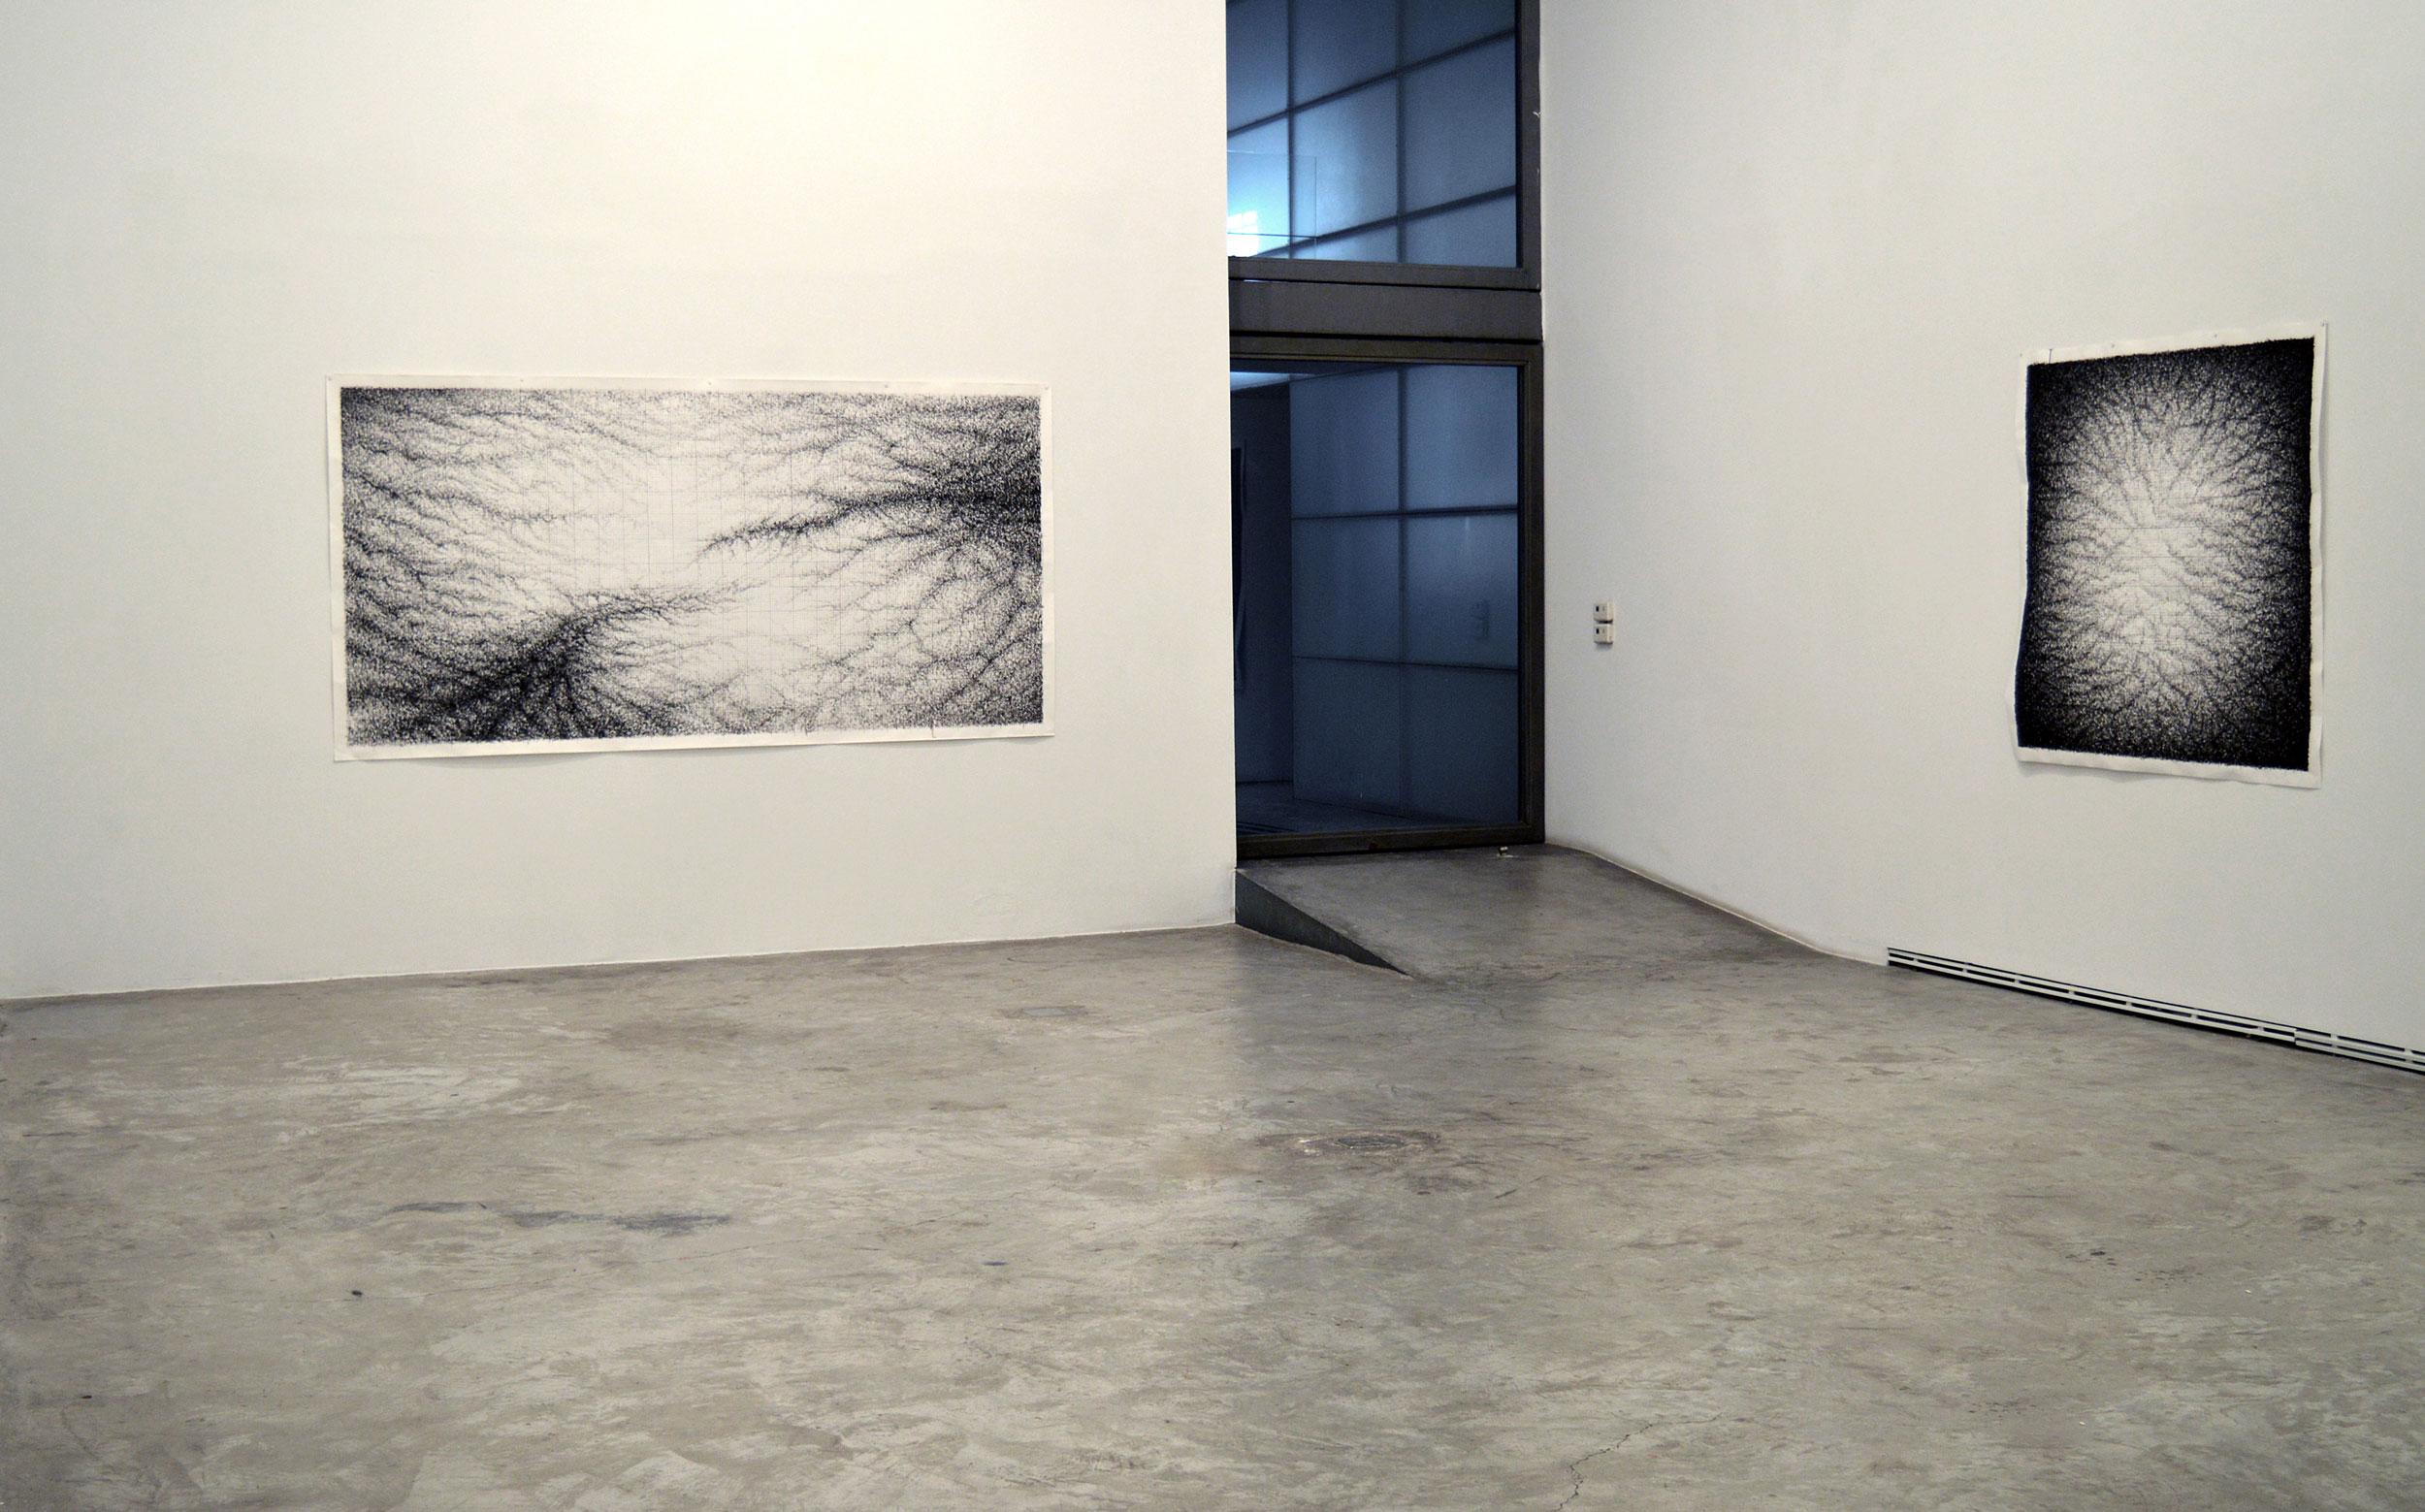 panos-famelis-aenima-ileana-tounta-exhibition